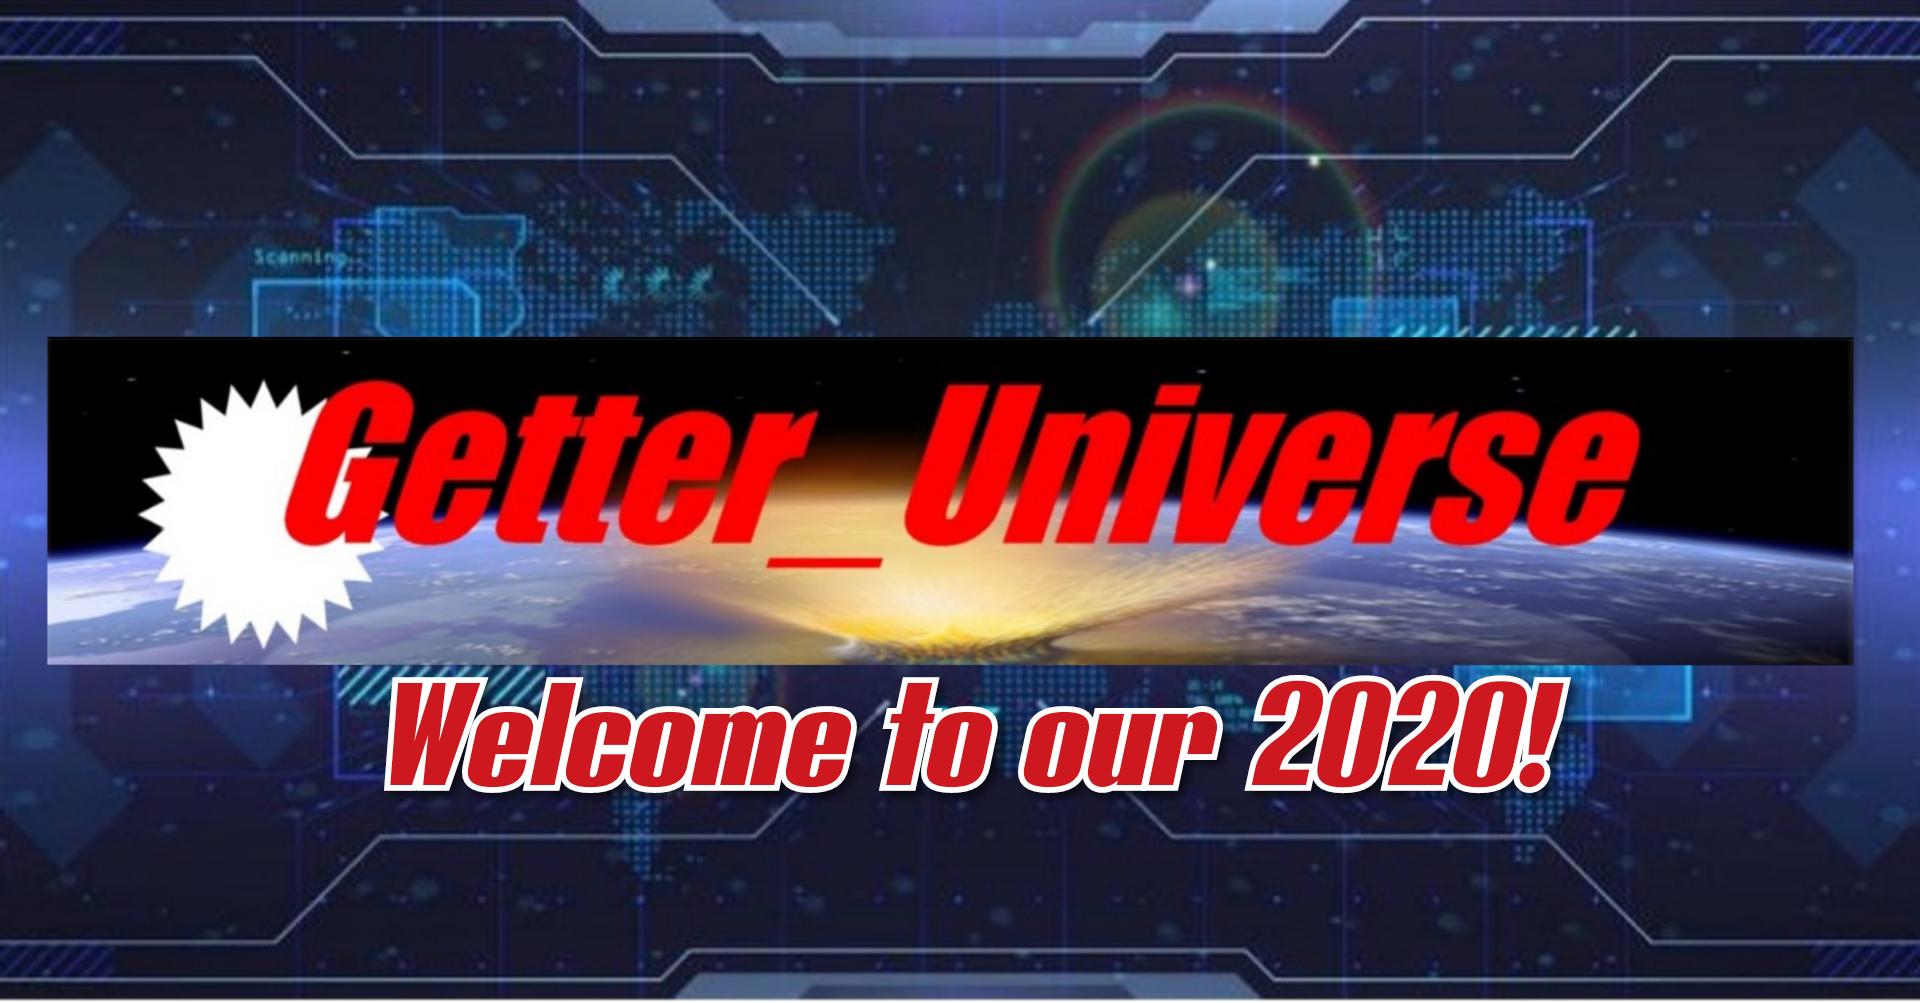 Diego Telli Getter_Universe